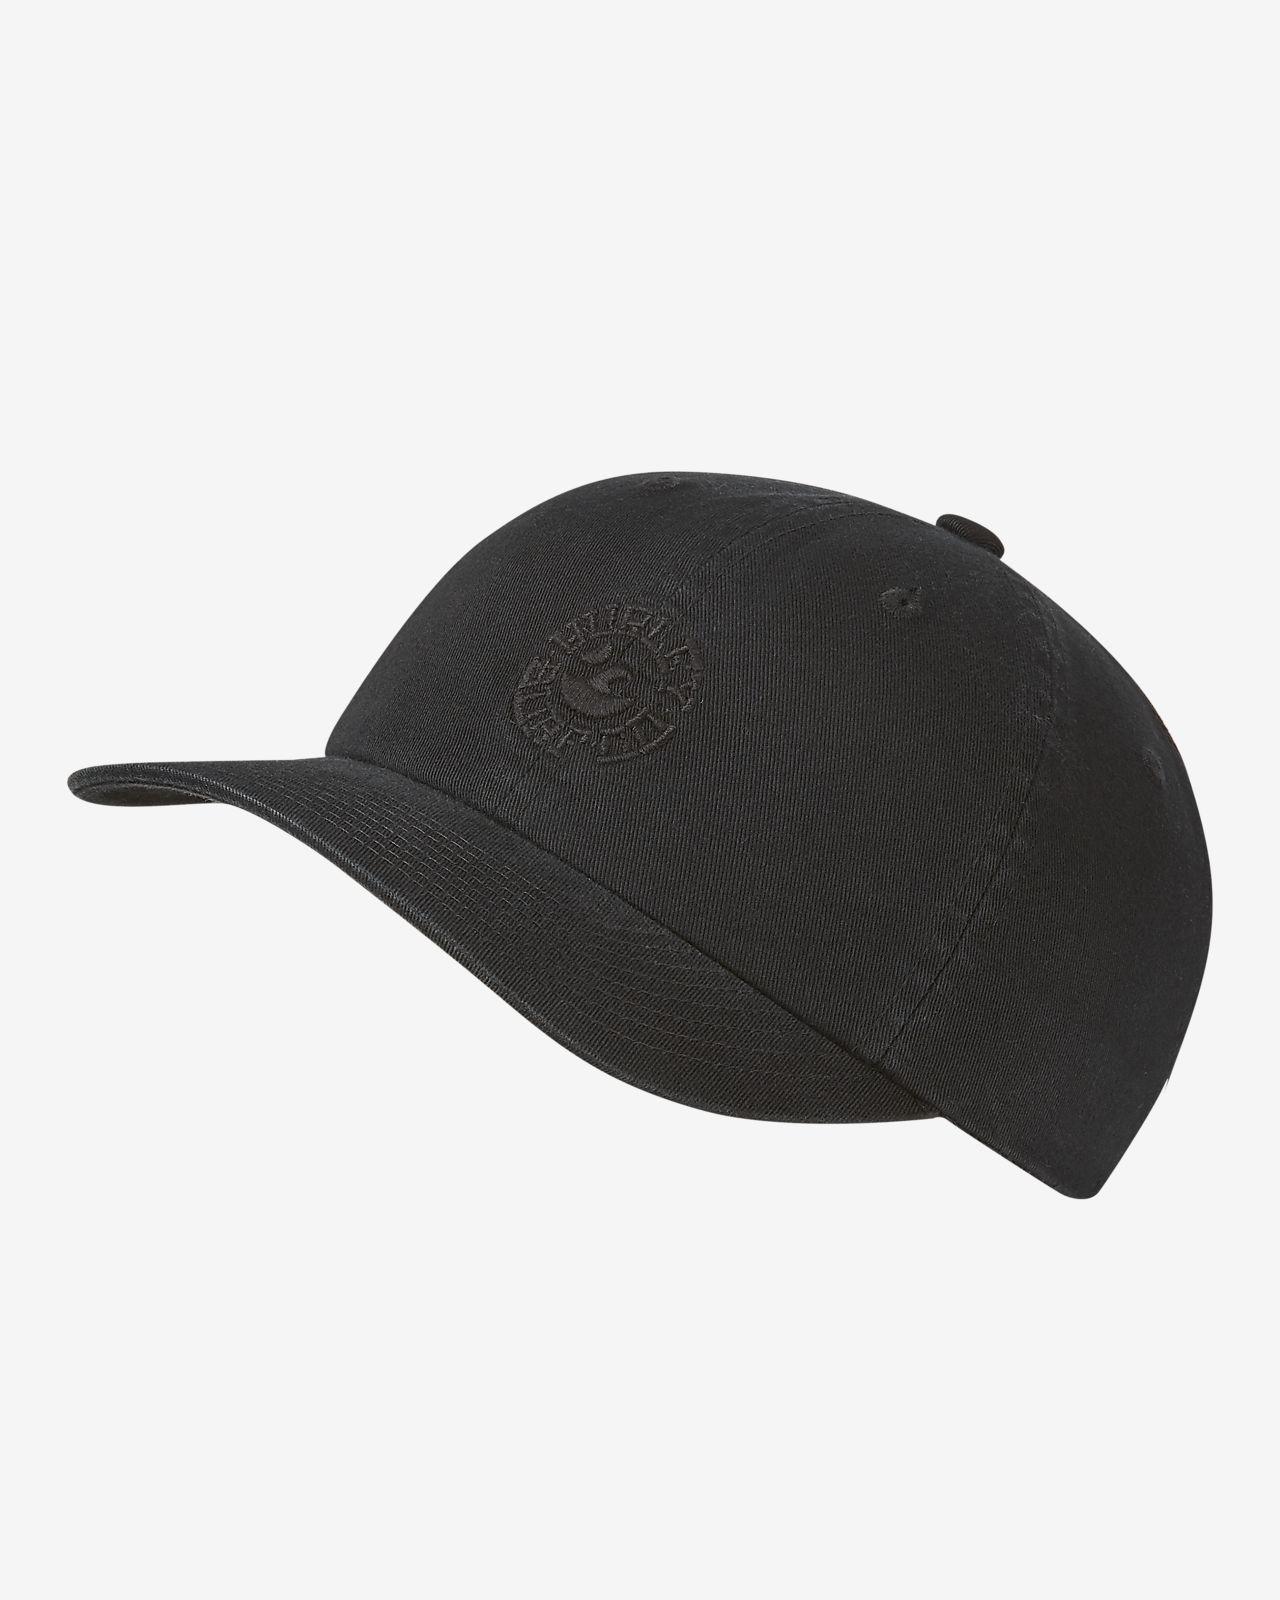 Hurley Good Times Erkek Şapkası